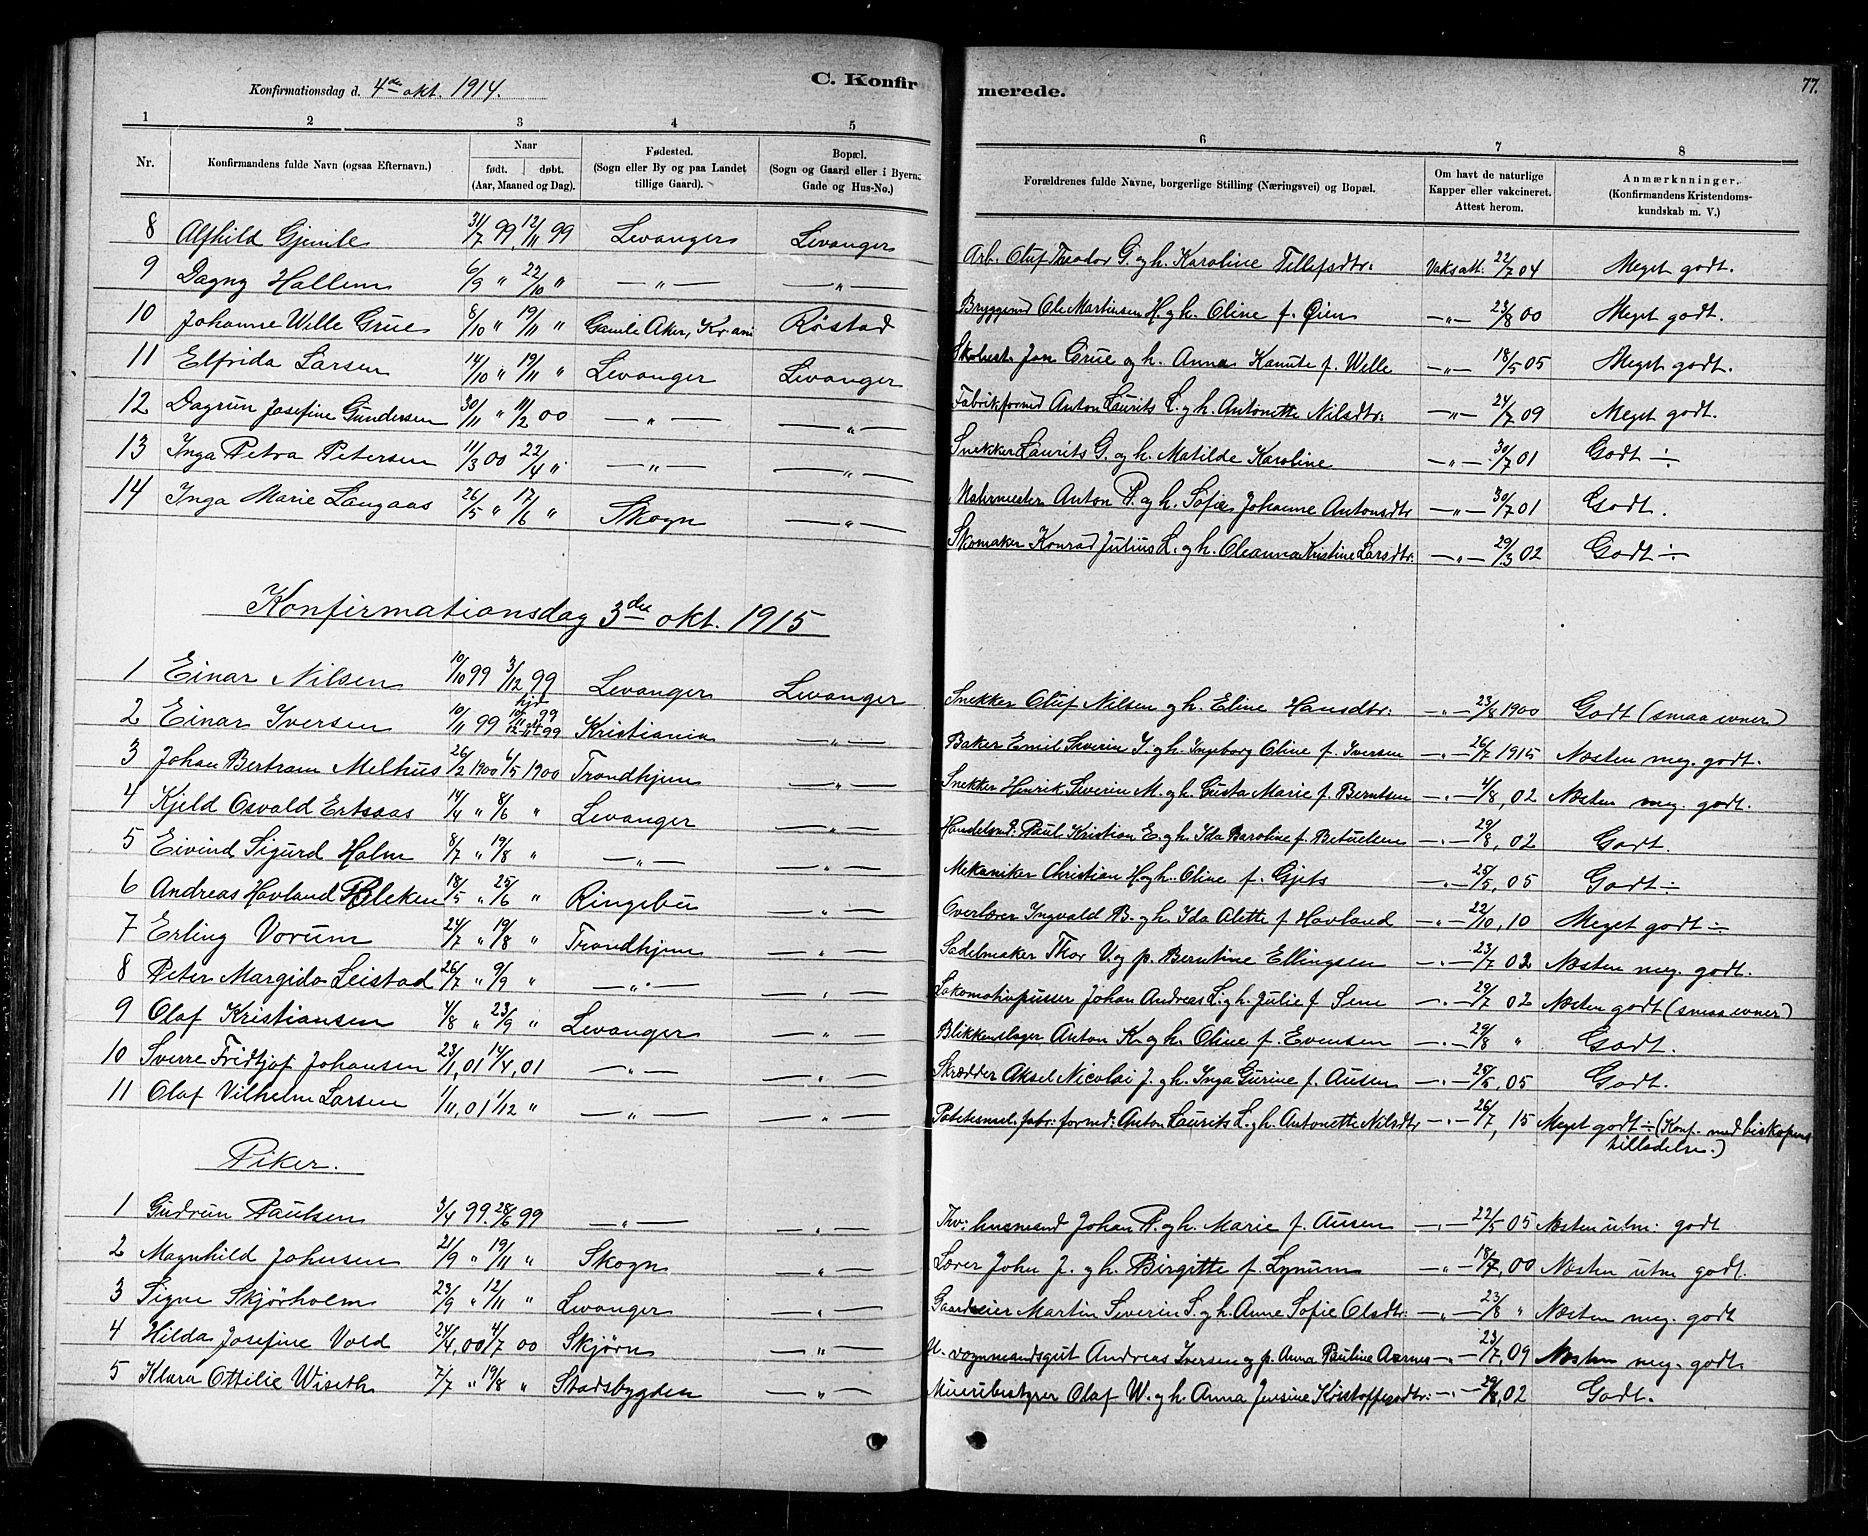 SAT, Ministerialprotokoller, klokkerbøker og fødselsregistre - Nord-Trøndelag, 720/L0192: Klokkerbok nr. 720C01, 1880-1917, s. 77